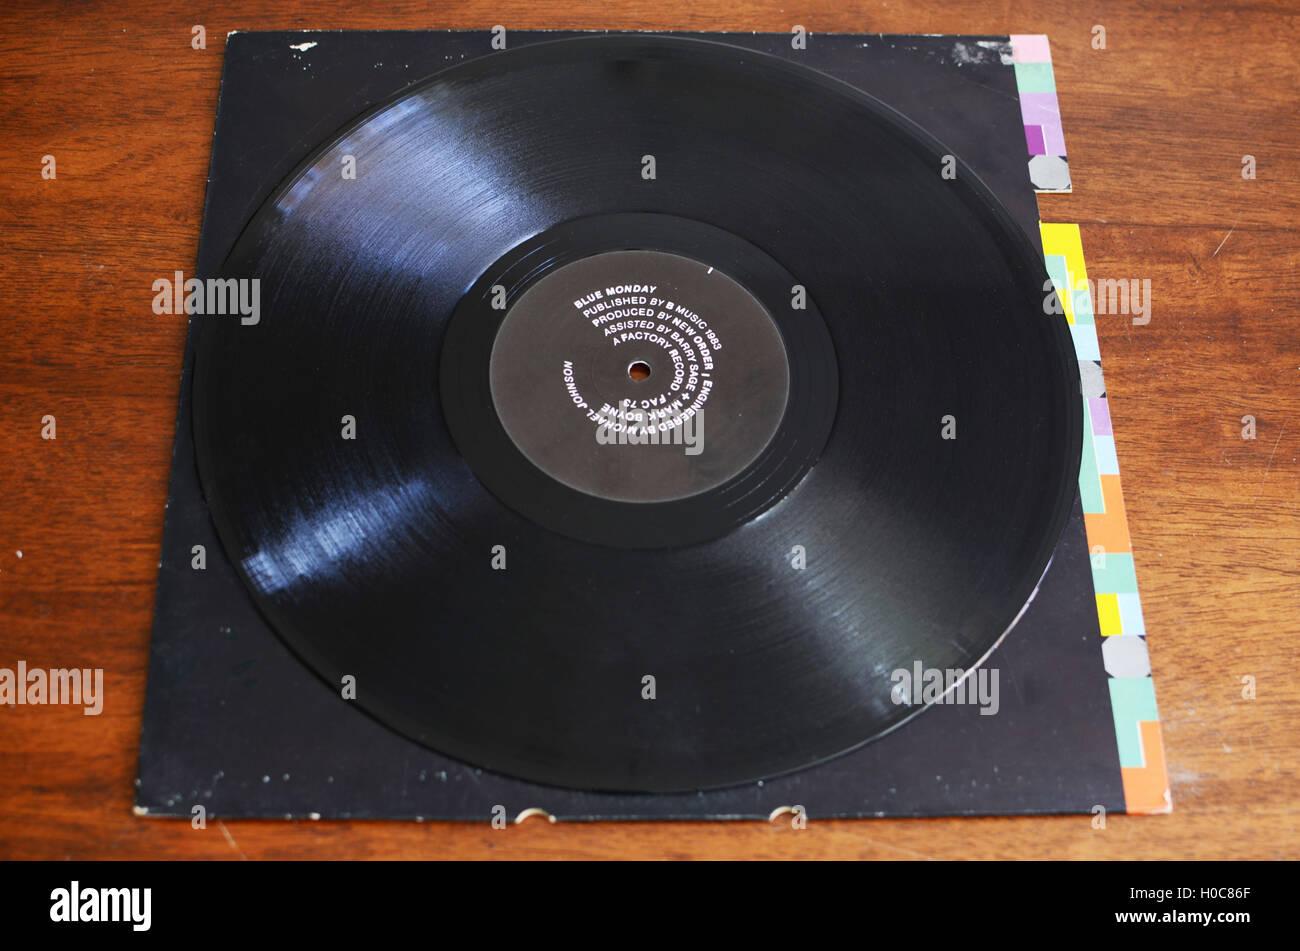 picture disc vinile  Nuovo Ordine, Blu Lunedì, floppy disc, 12', vinile Foto & Immagine ...